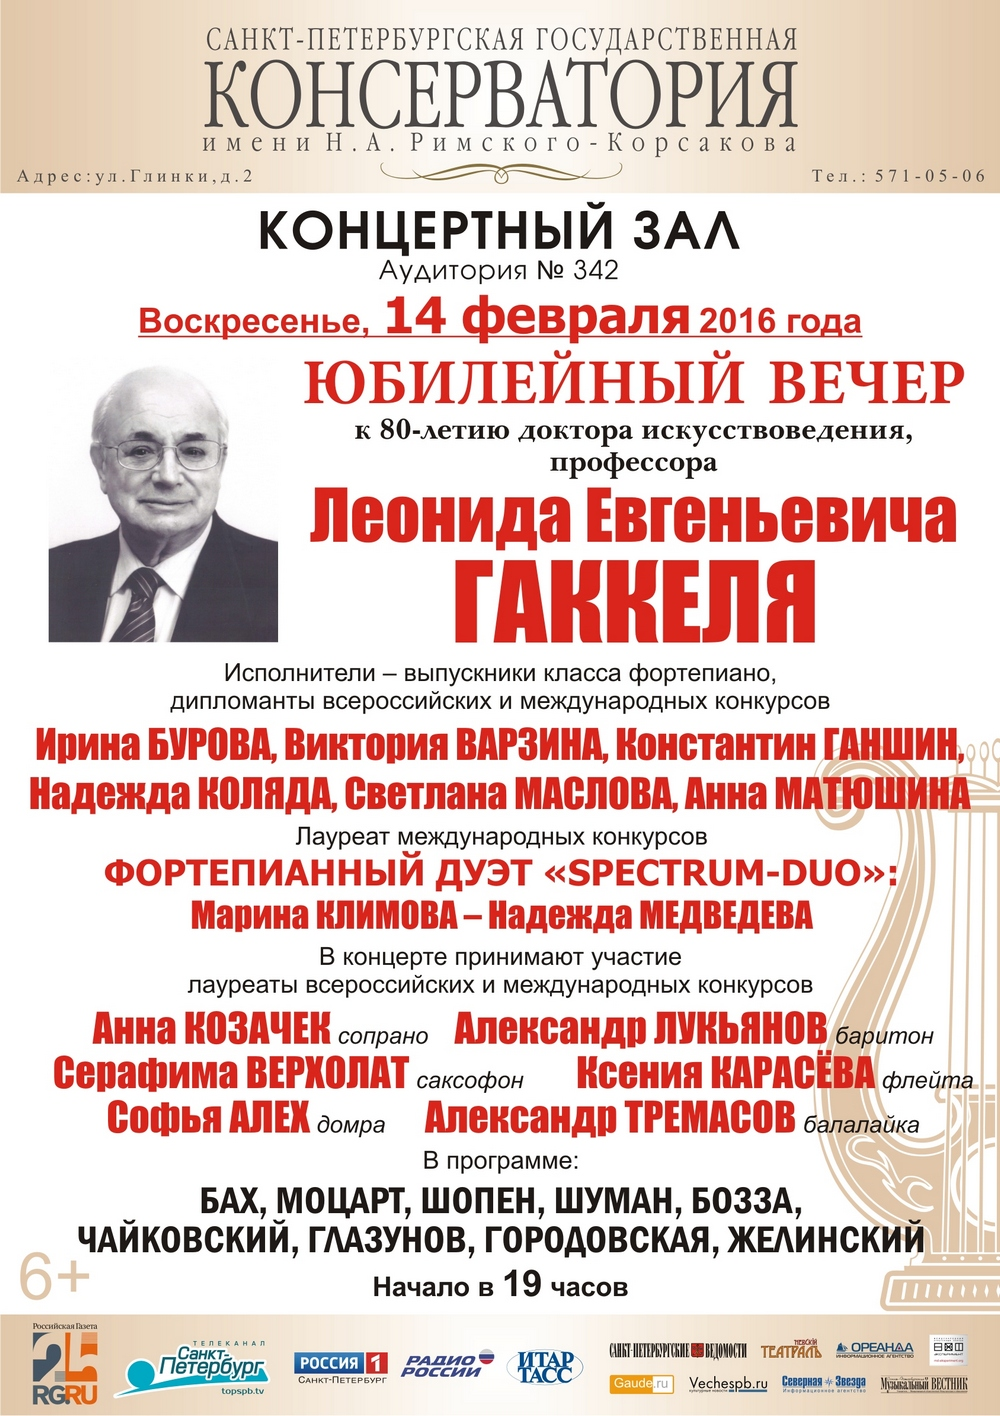 Афиша мариинского театра 2016 на февраль 2016 билеты на юбилейные концерты